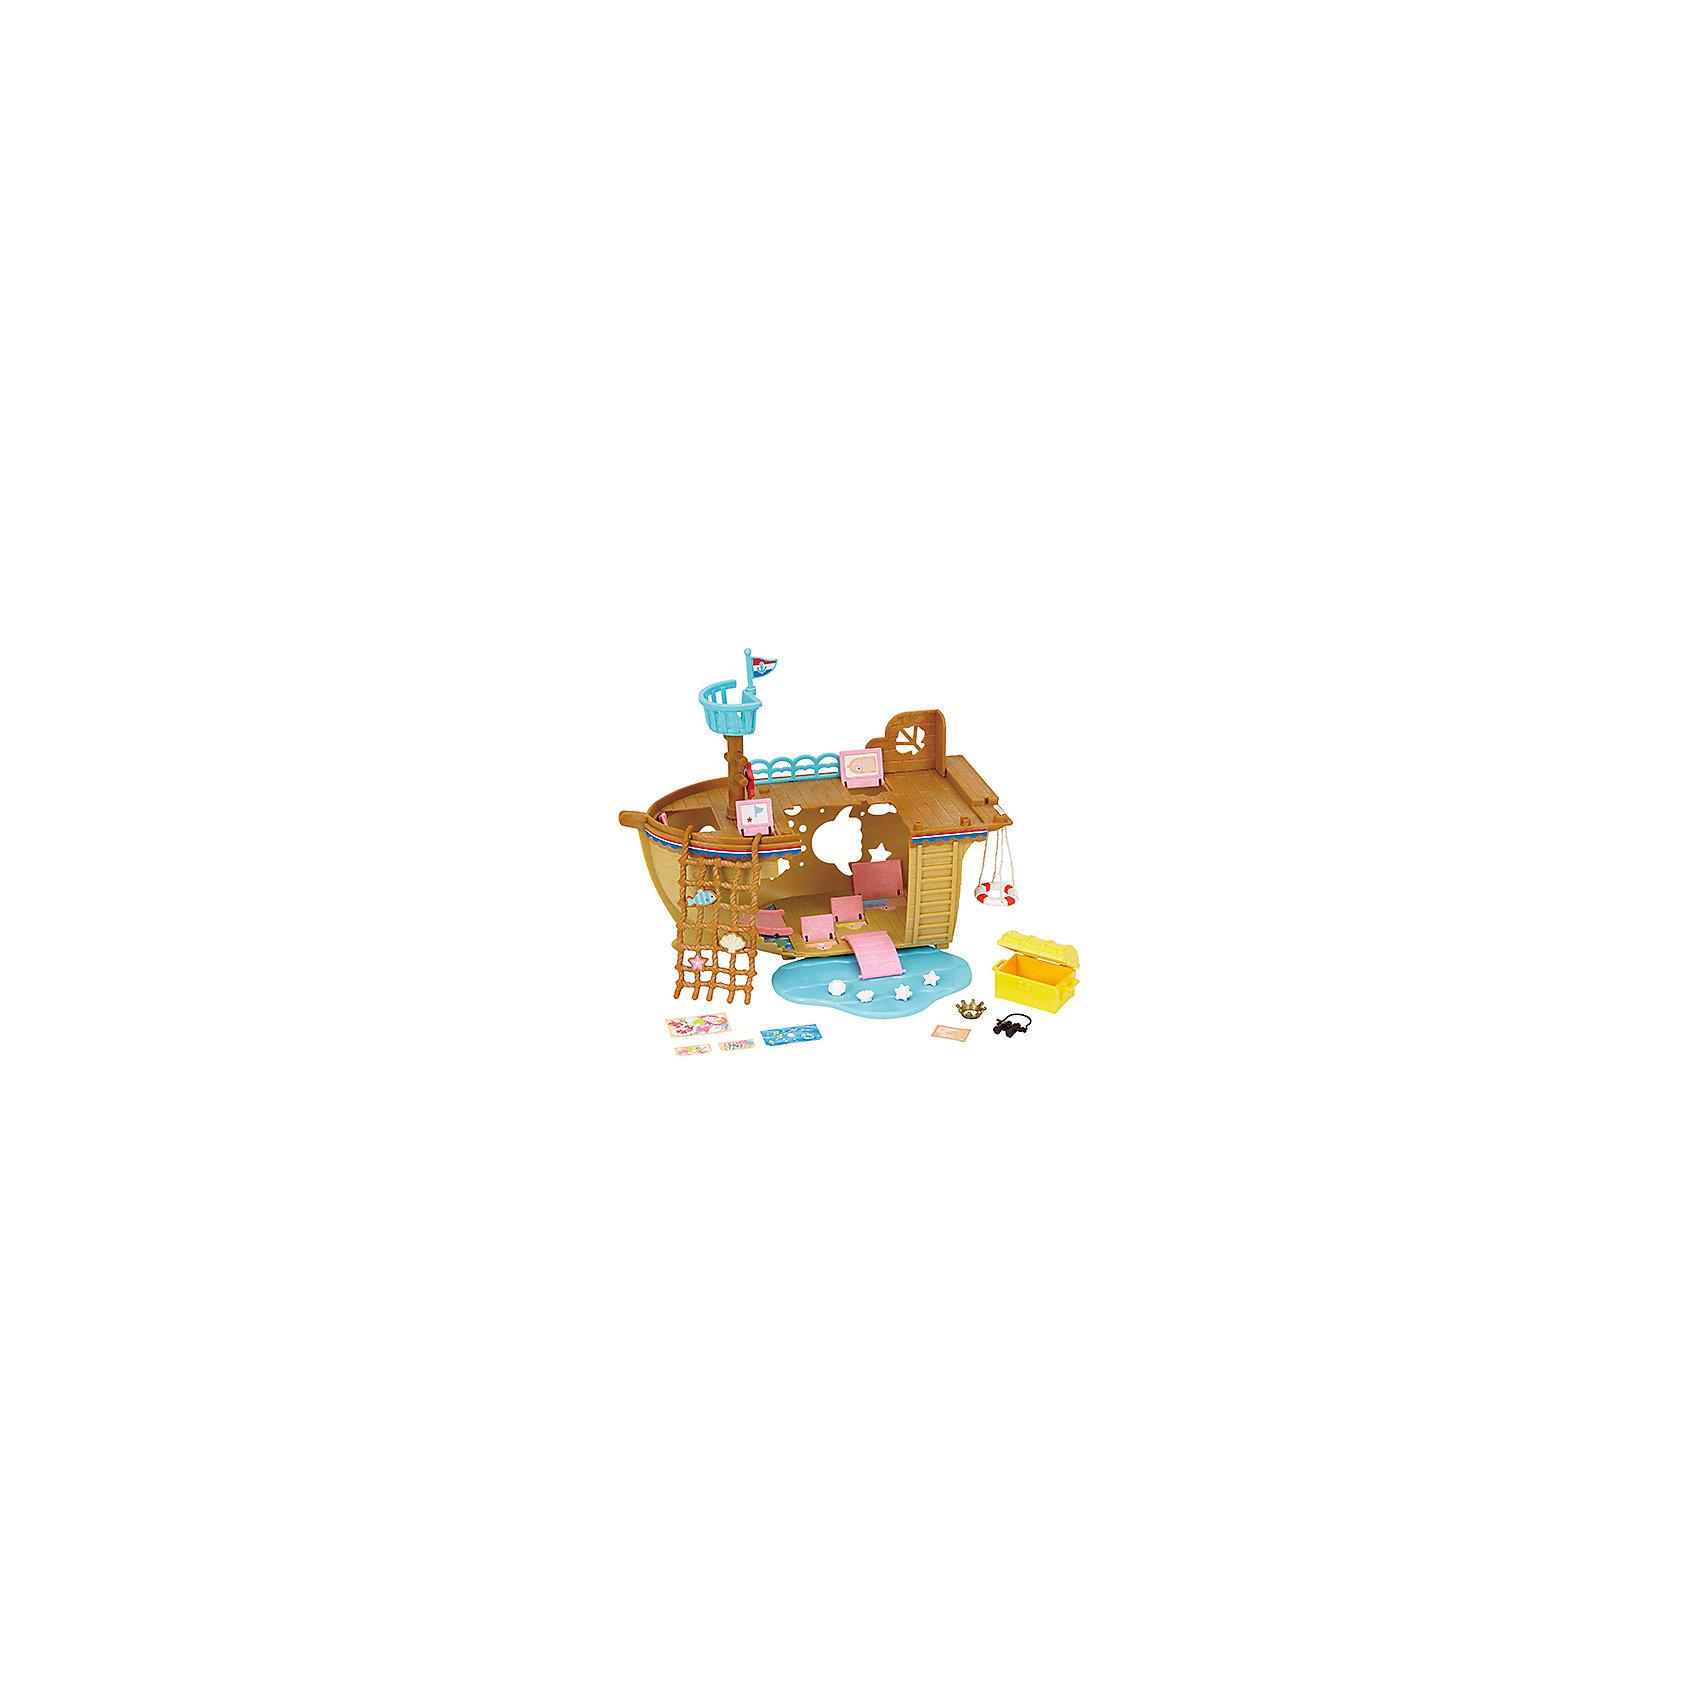 Набор Детская площадка Сокровища морей, Sylvanian FamiliesSylvanian Families<br>Sylvanian Families (Сильваниан Фэмилис) - целый мир, в котором живут маленькие милые зверята - это кролики, белки, медведи, лисы и многие другие. У каждого из них есть дом и работа. Зверята-малыши придут в восторг от этой замечательной игровой площадки! Игрушка прекрасно подходит для сюжетно-ролевых игр детей, развивает мелкую моторику и воображение малышей. Все детали набора выполнены их высококачественных, нетоксичных безопасных материалов. <br><br>Дополнительная информация:<br><br>- Комплектация: детская площадка-корабль, мачта, канат, спасательный круг, горки, сундук с сокровищами.<br>- Материал: пластик, текстиль, флок.<br><br>Набор Детская площадка Сокровища морей, Sylvanian Families (Сильваниан Фэмилис), можно купить в нашем магазине.<br><br>Ширина мм: 309<br>Глубина мм: 187<br>Высота мм: 149<br>Вес г: 617<br>Возраст от месяцев: 36<br>Возраст до месяцев: 144<br>Пол: Женский<br>Возраст: Детский<br>SKU: 4177974